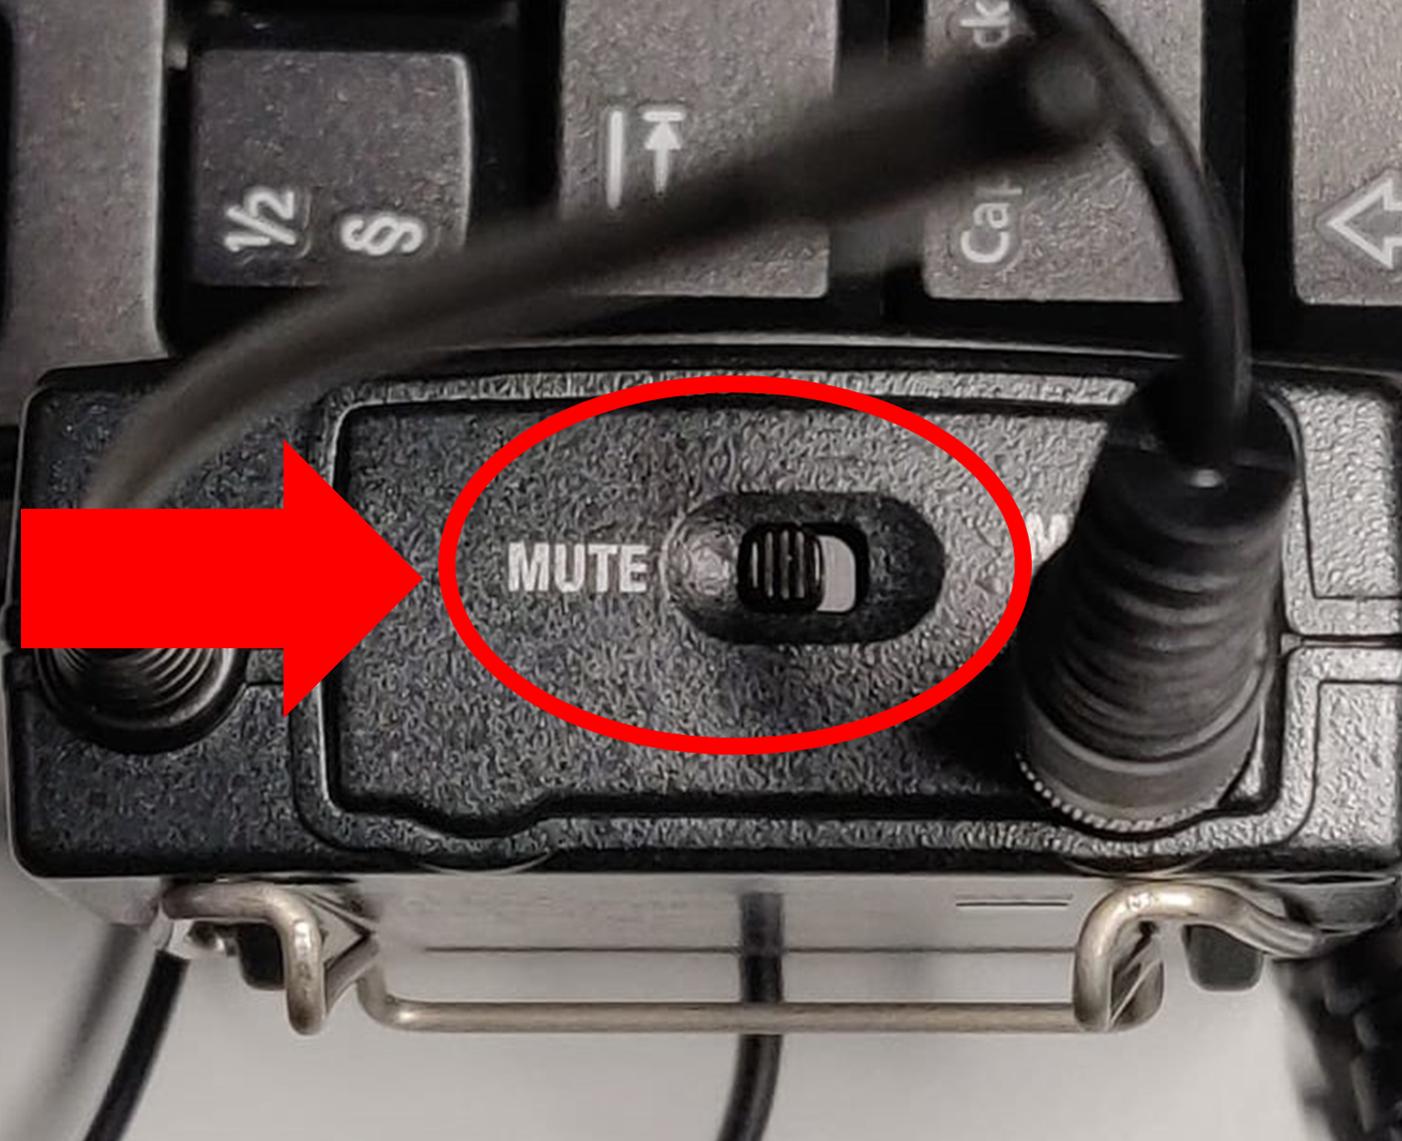 Lähettimessä oleva Mute-painike.